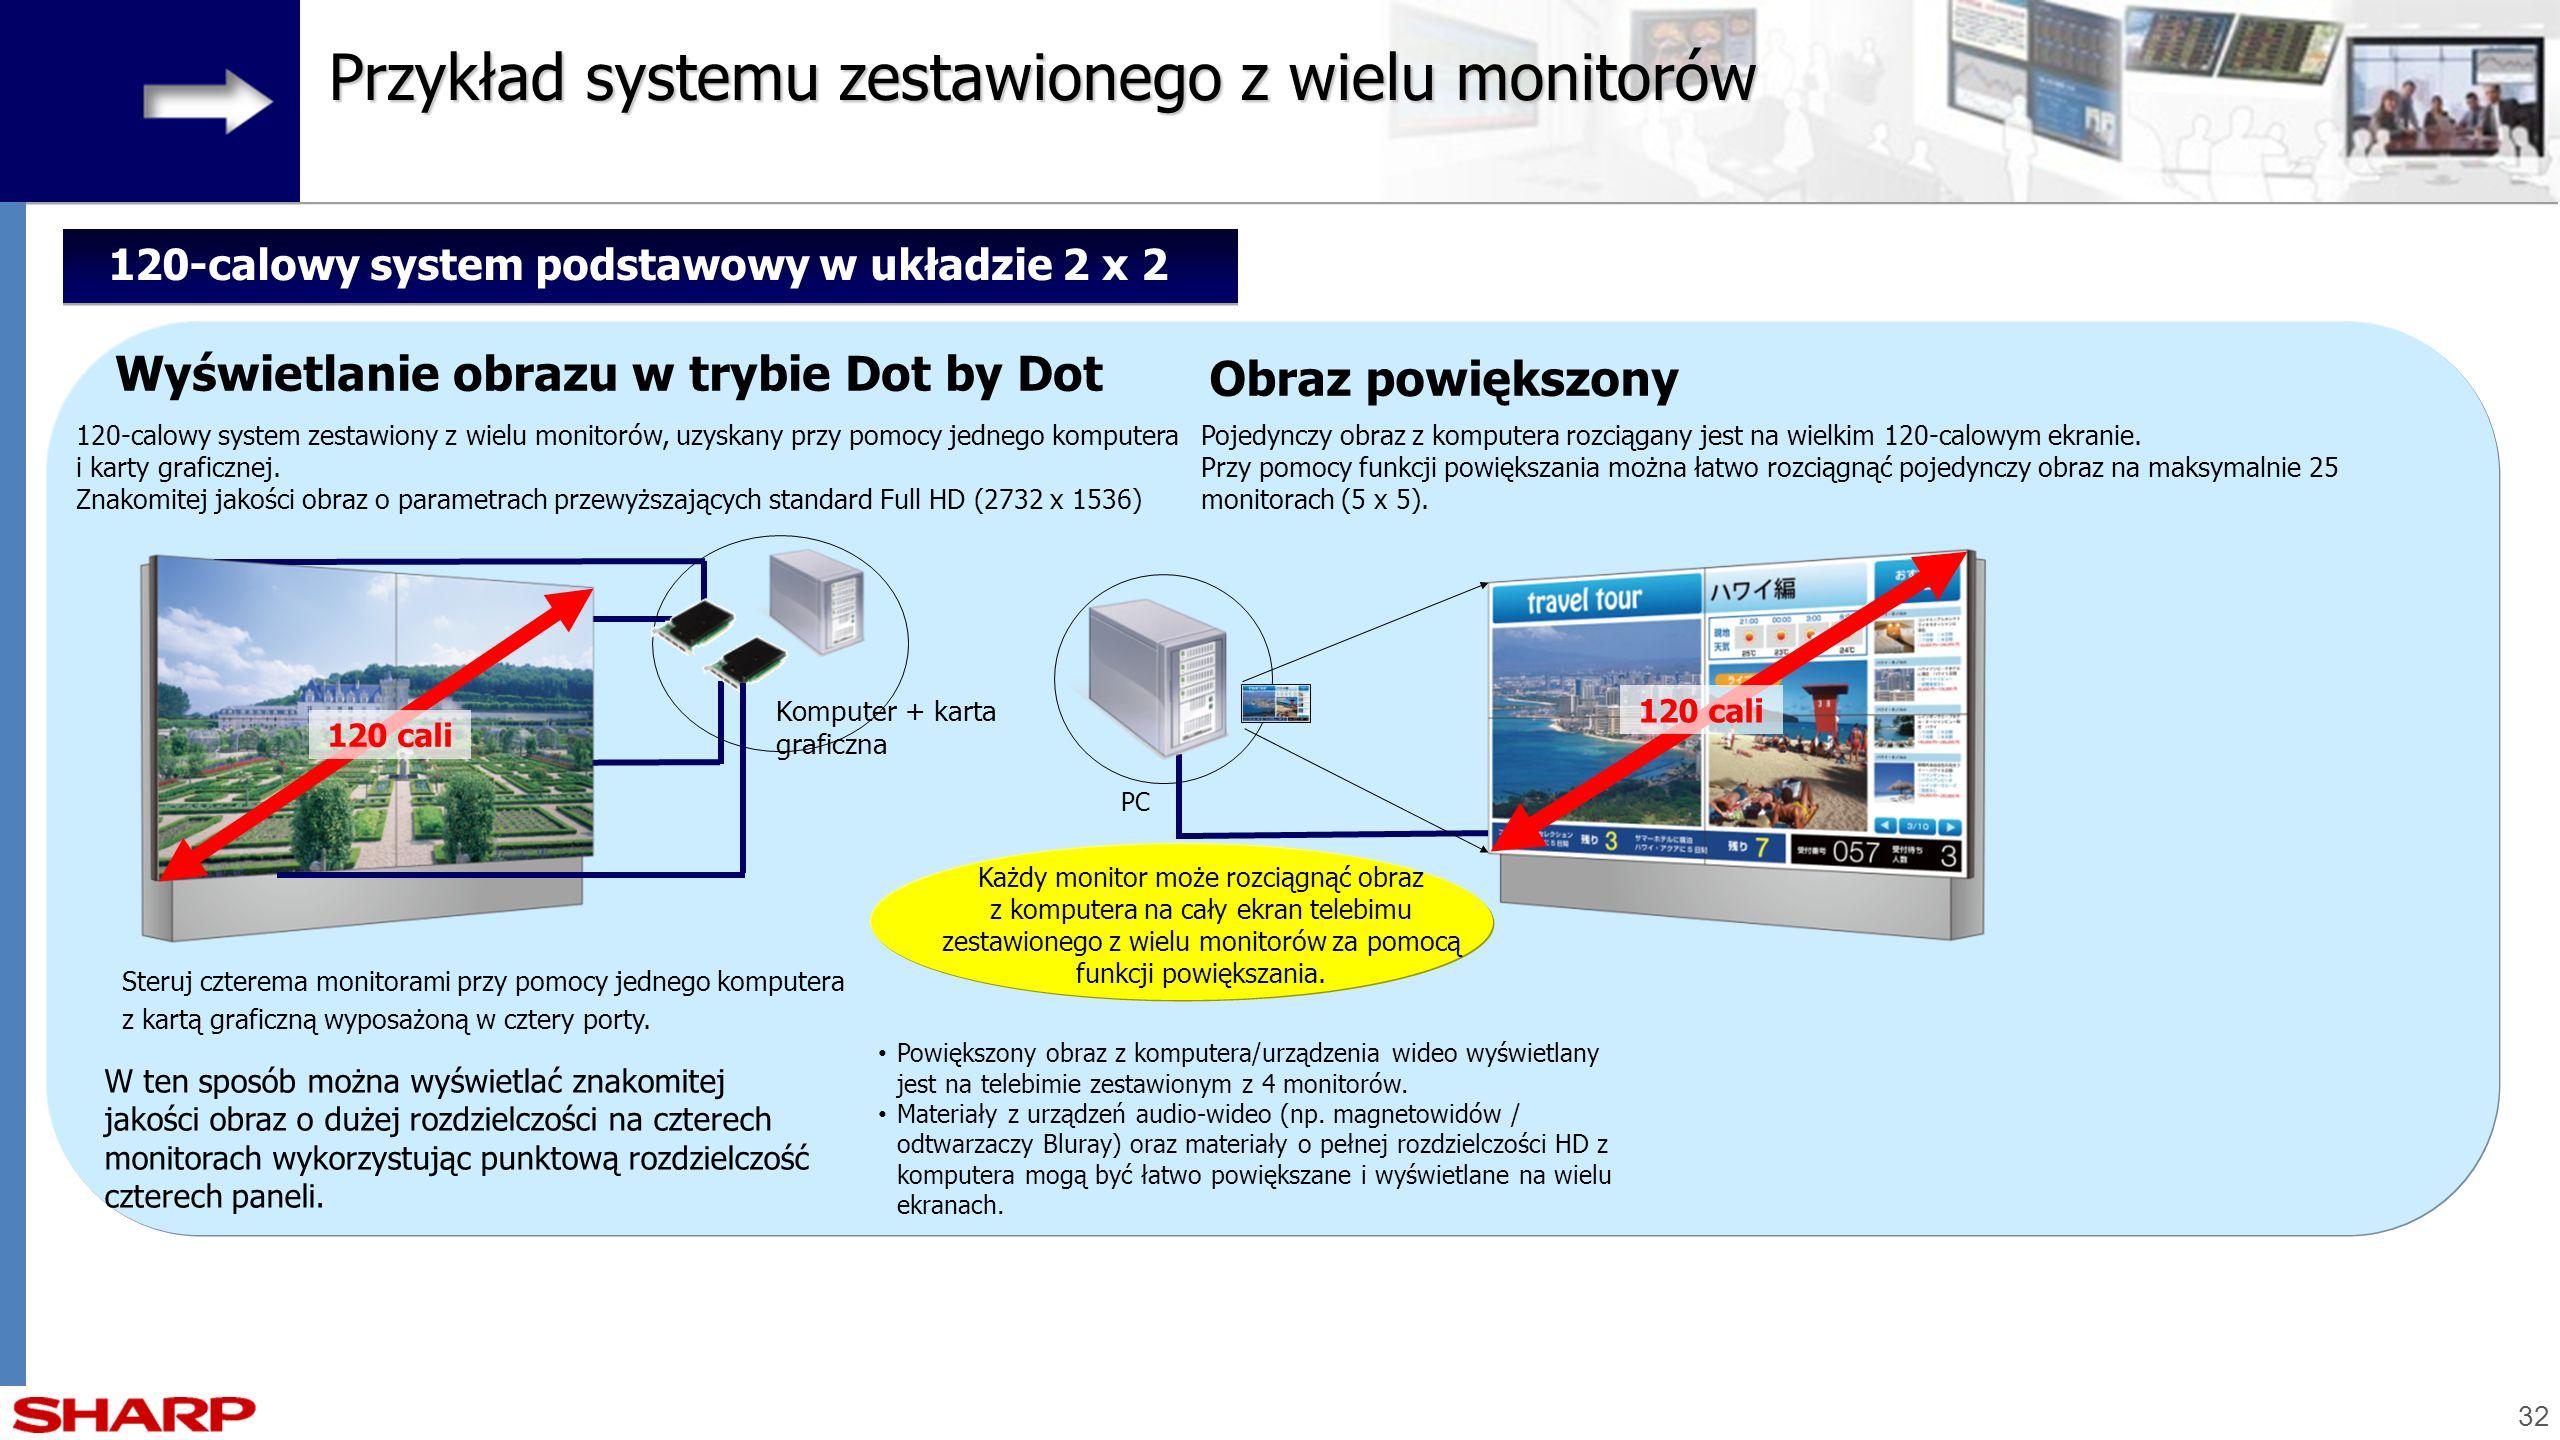 120-calowy system podstawowy w układzie 2 x 2